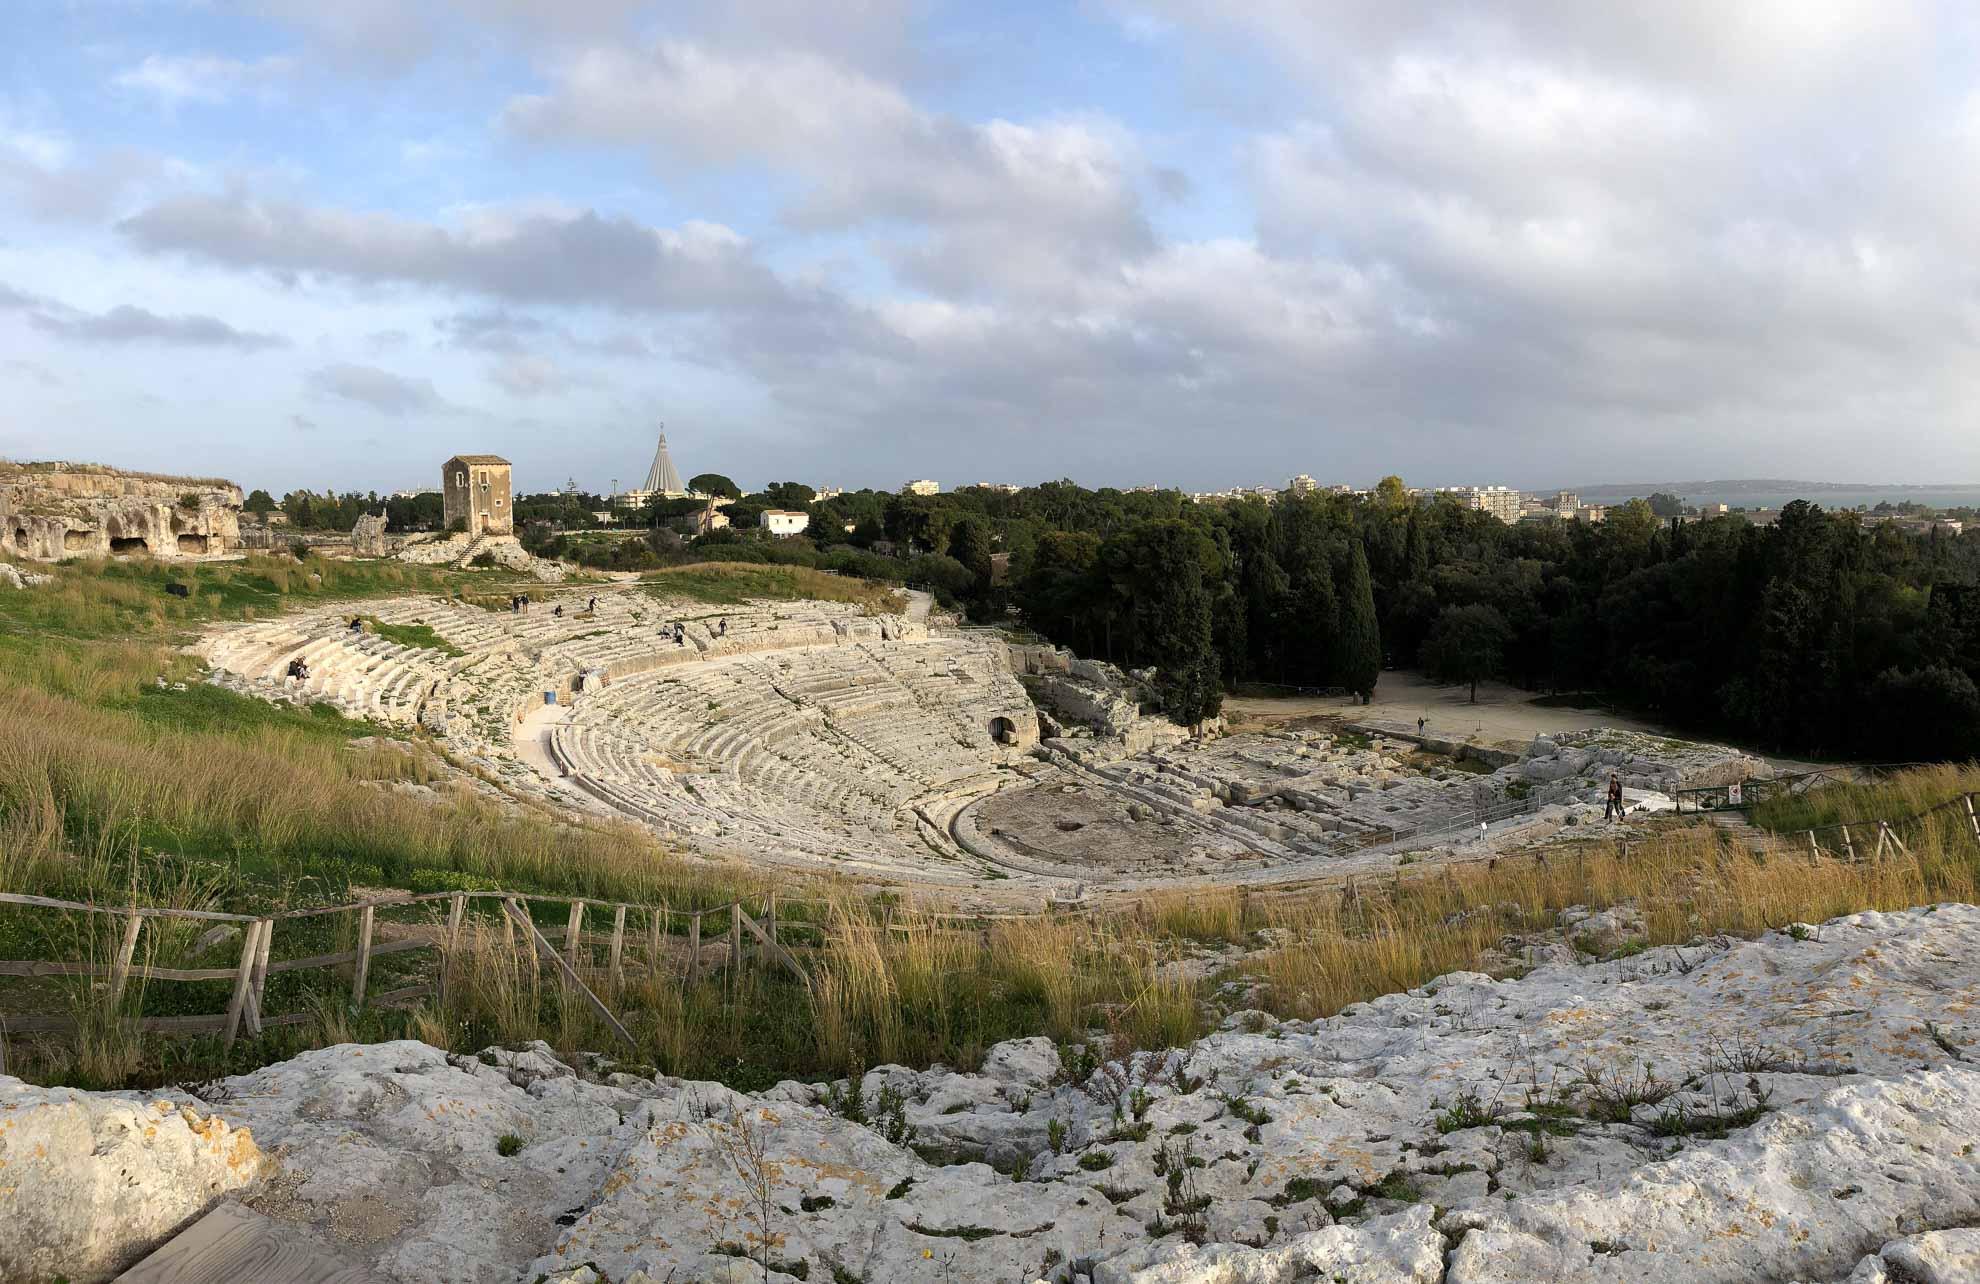 Besuch im griechischen Theater – Teatro Greco – einem der größten überhaupt.